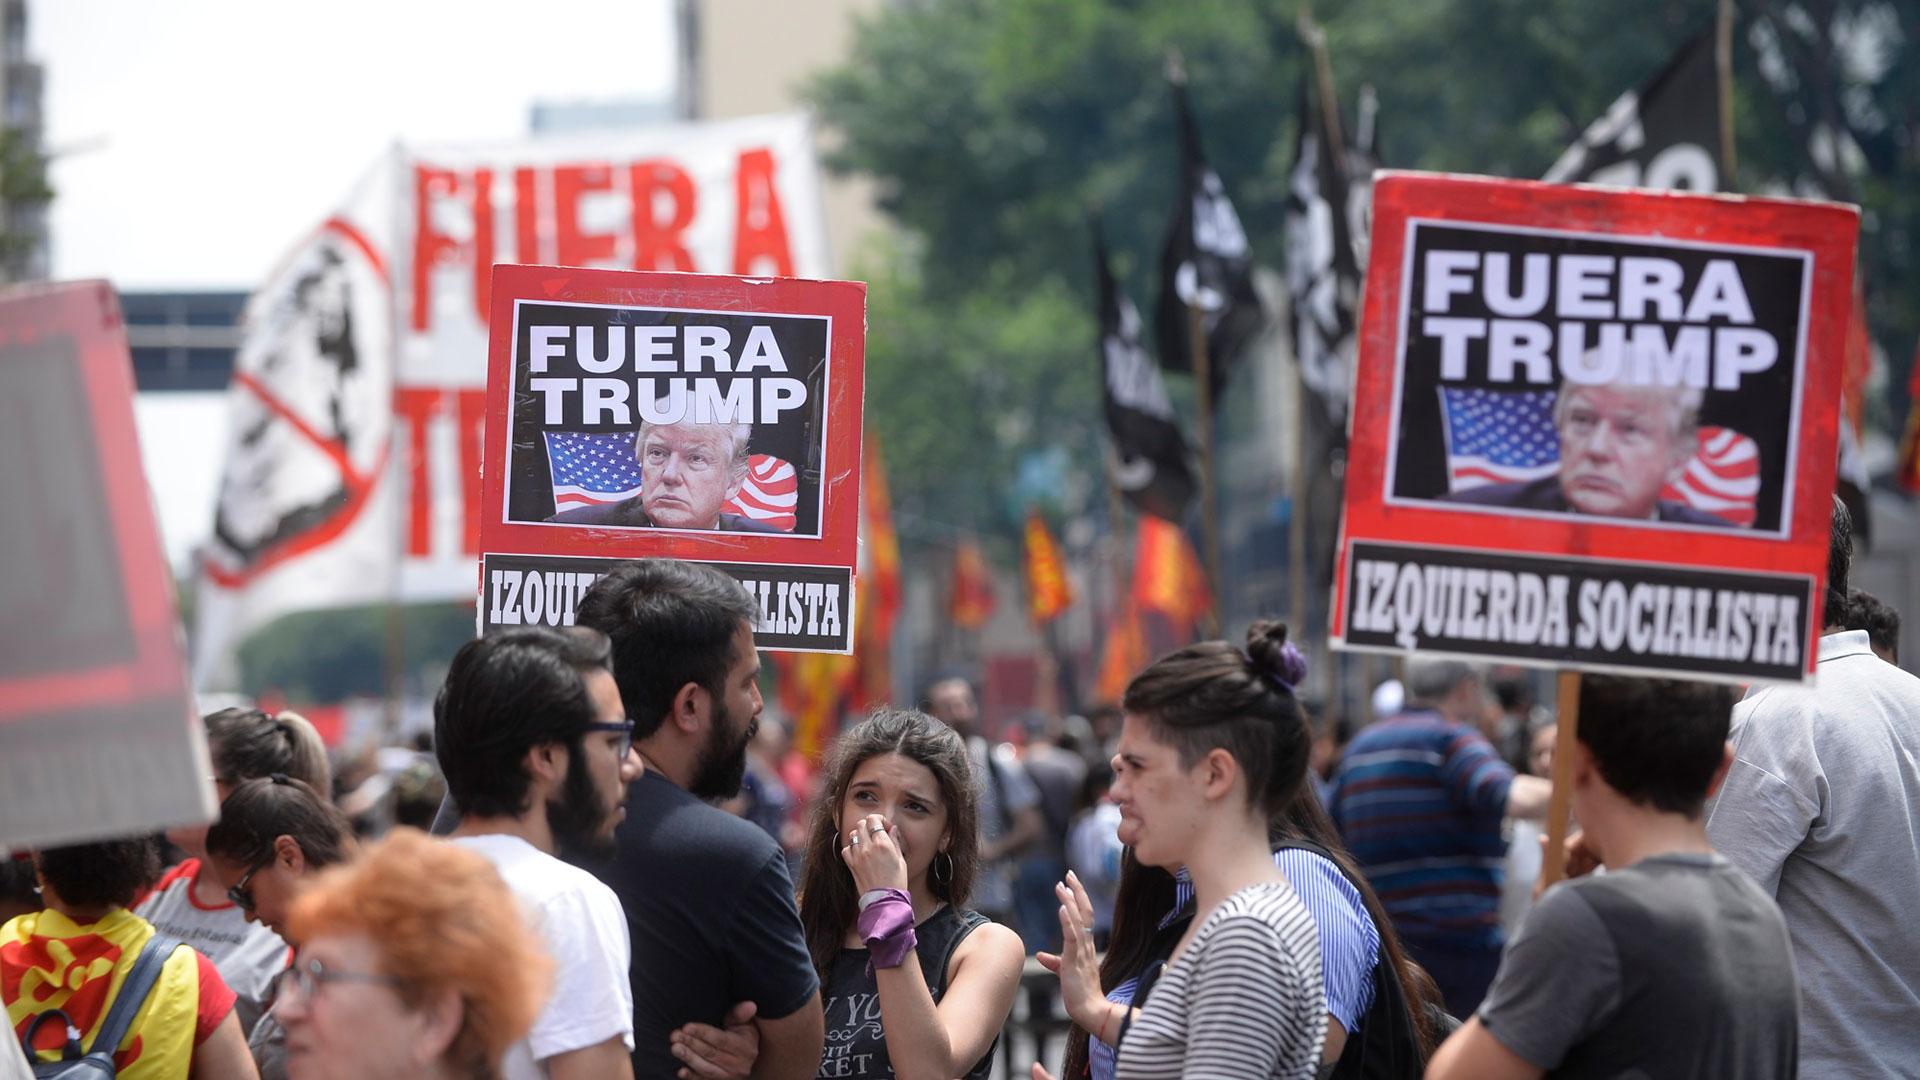 Los ministerios de Seguridad de la Nación y de la ciudad y provincia de Buenos Aires aumentaron la alerta en torno a las marchas programadas durante la tarde